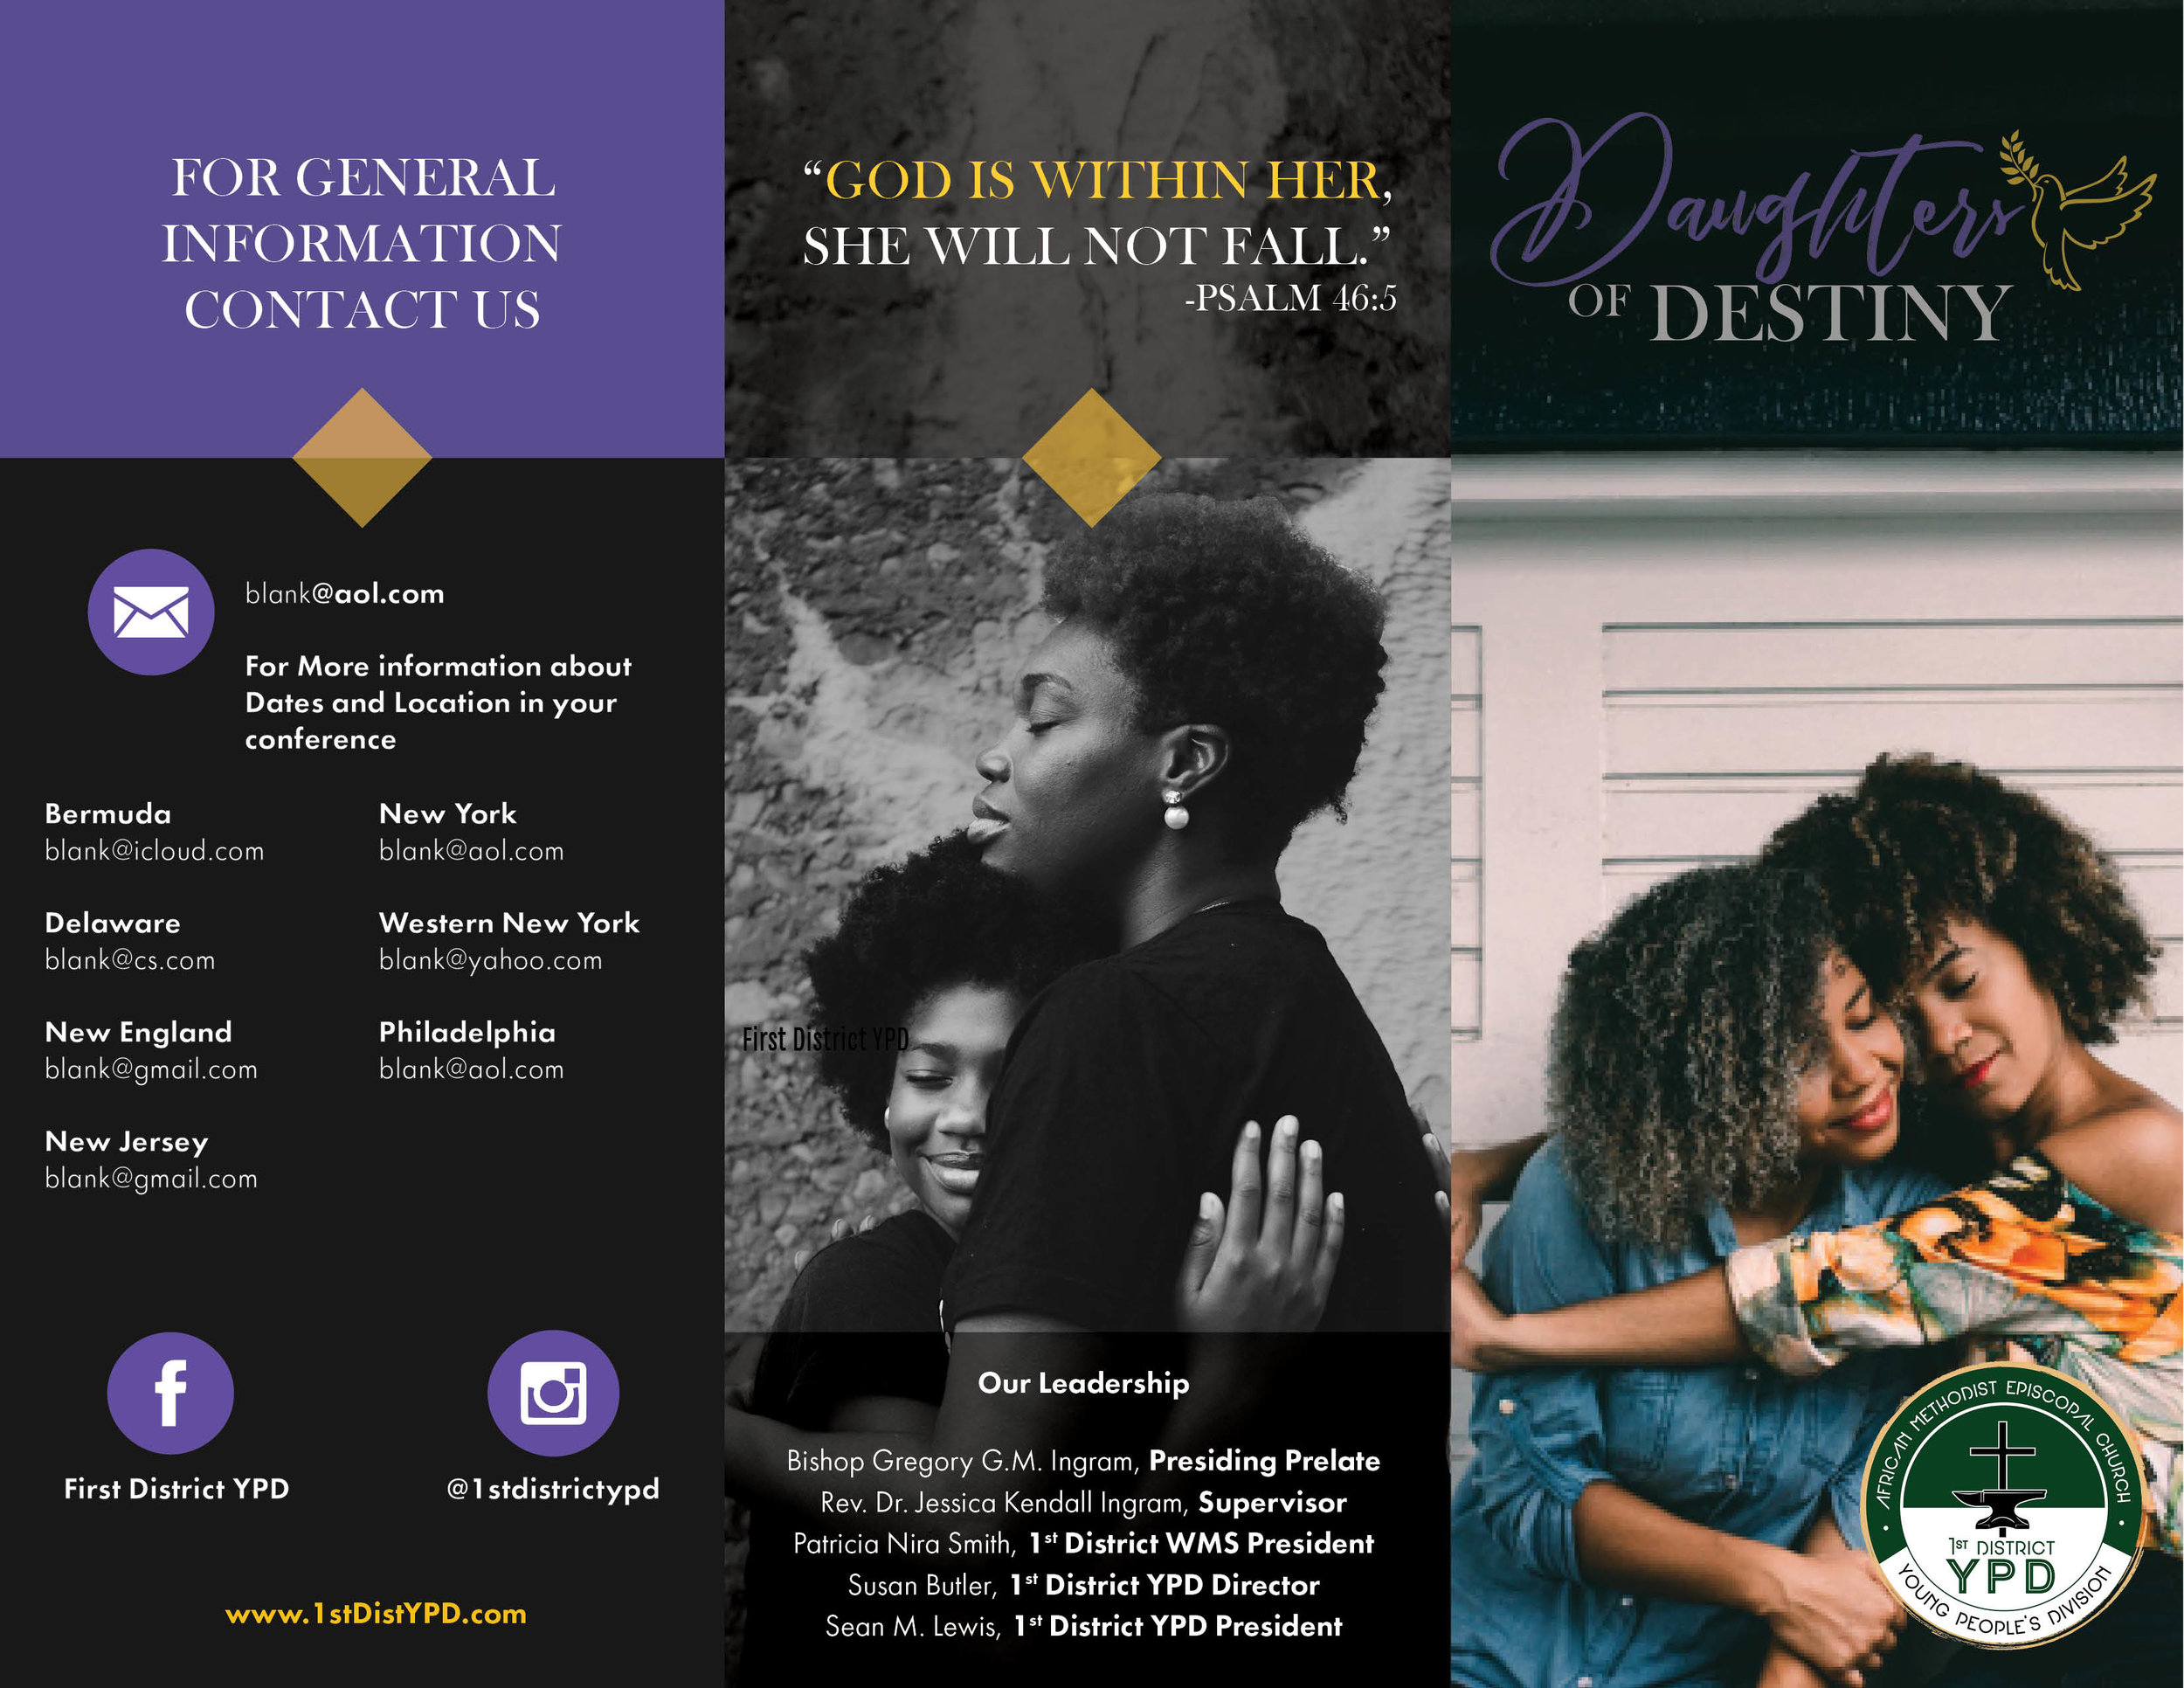 daughtersofdestiny_Brochure.jpg